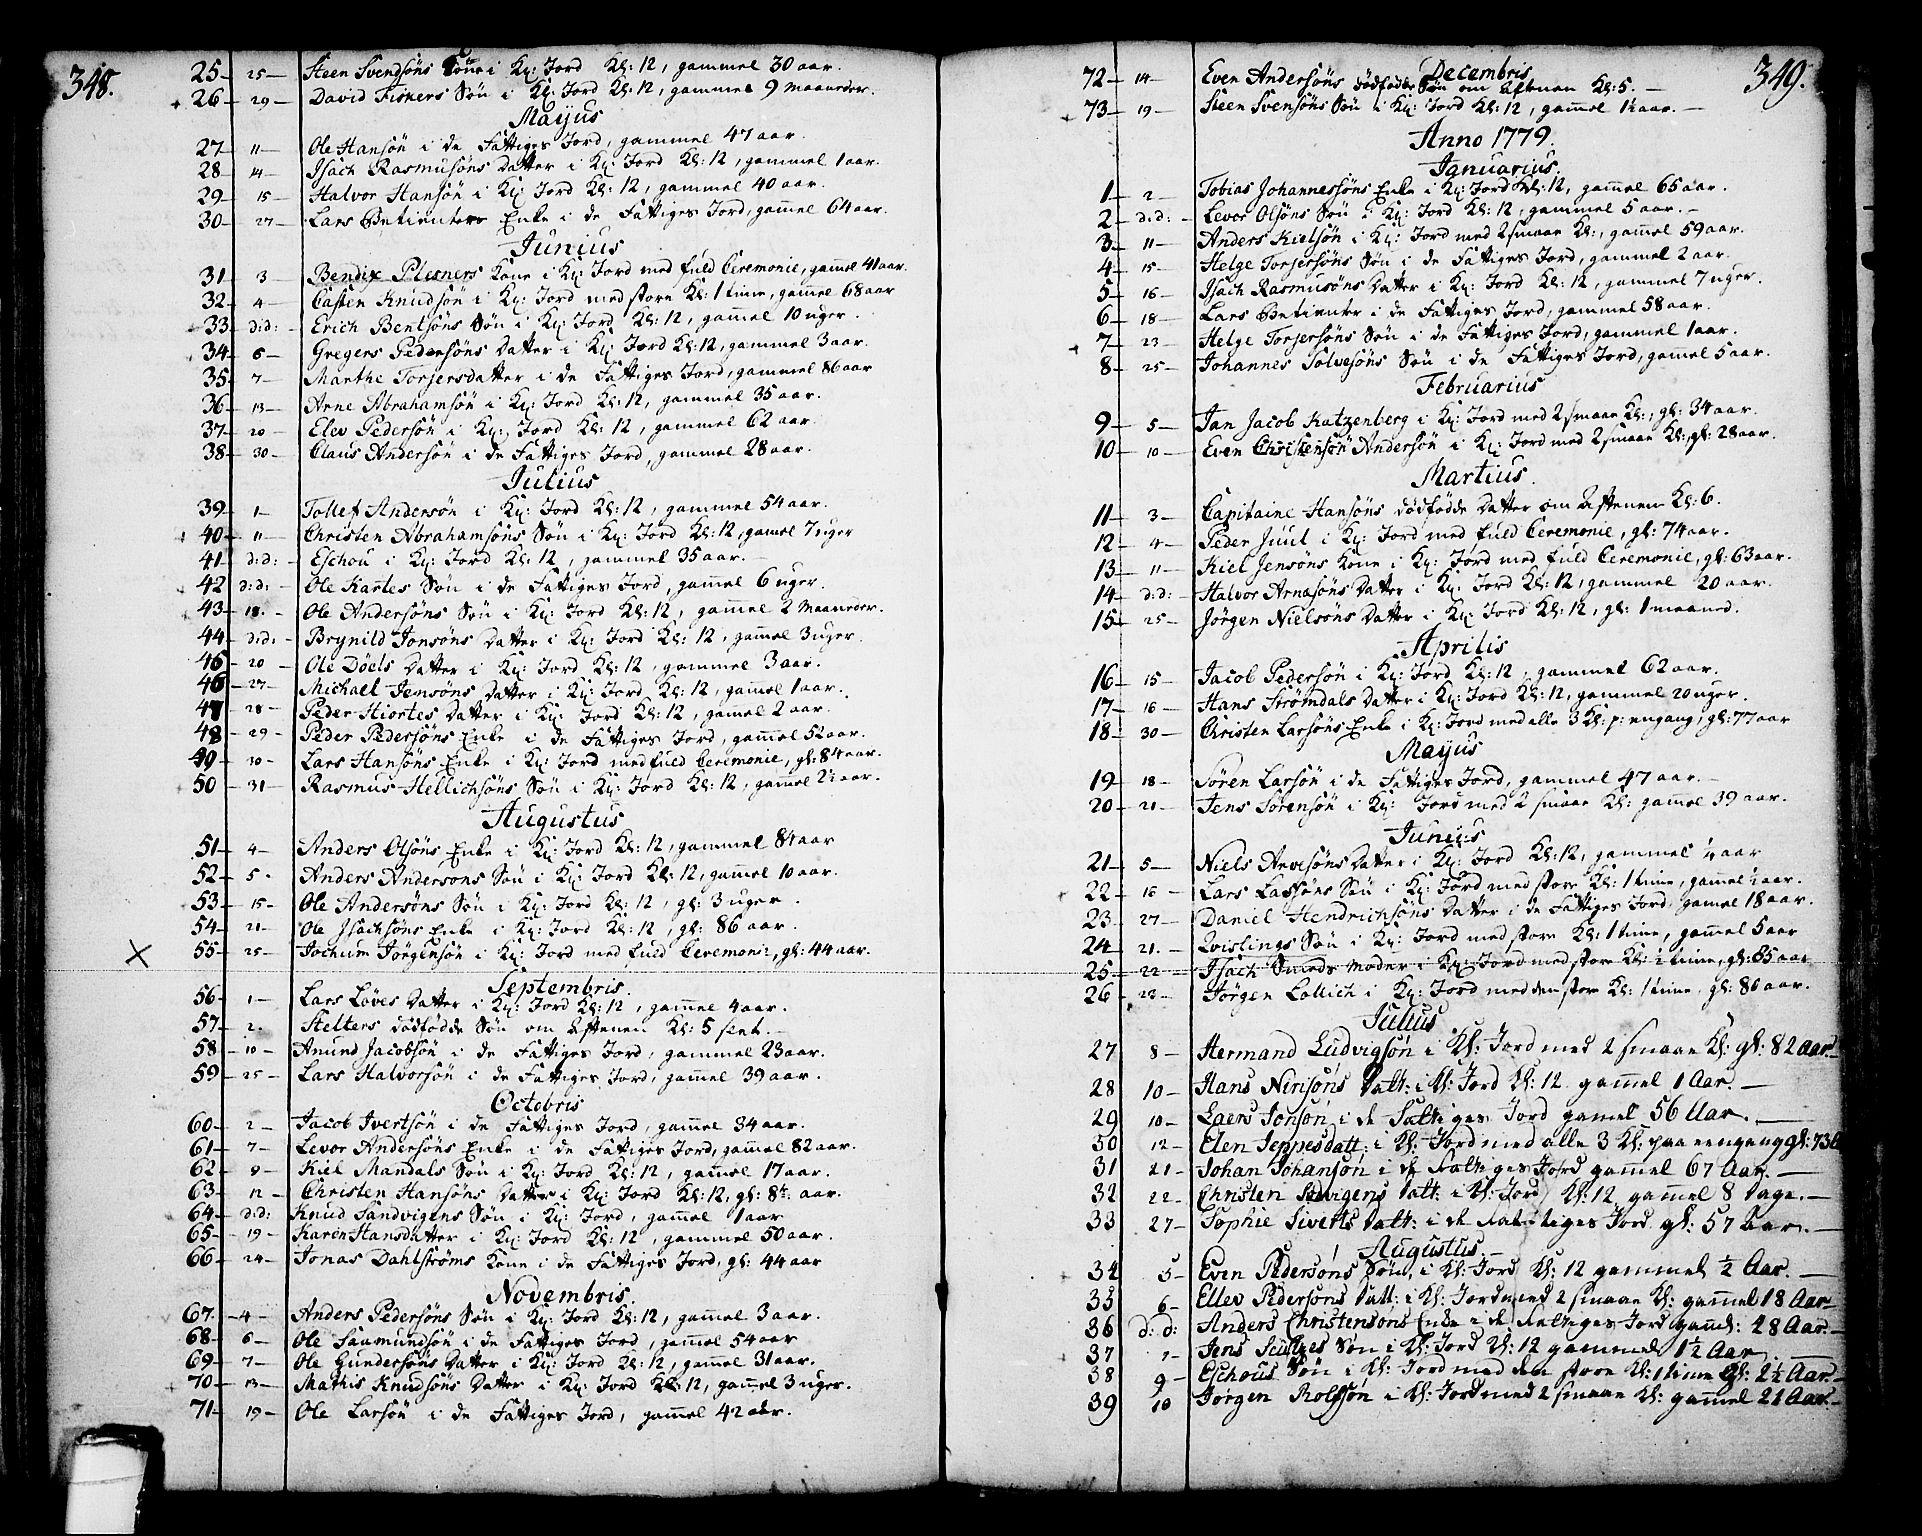 SAKO, Skien kirkebøker, F/Fa/L0003: Ministerialbok nr. 3, 1755-1791, s. 348-349